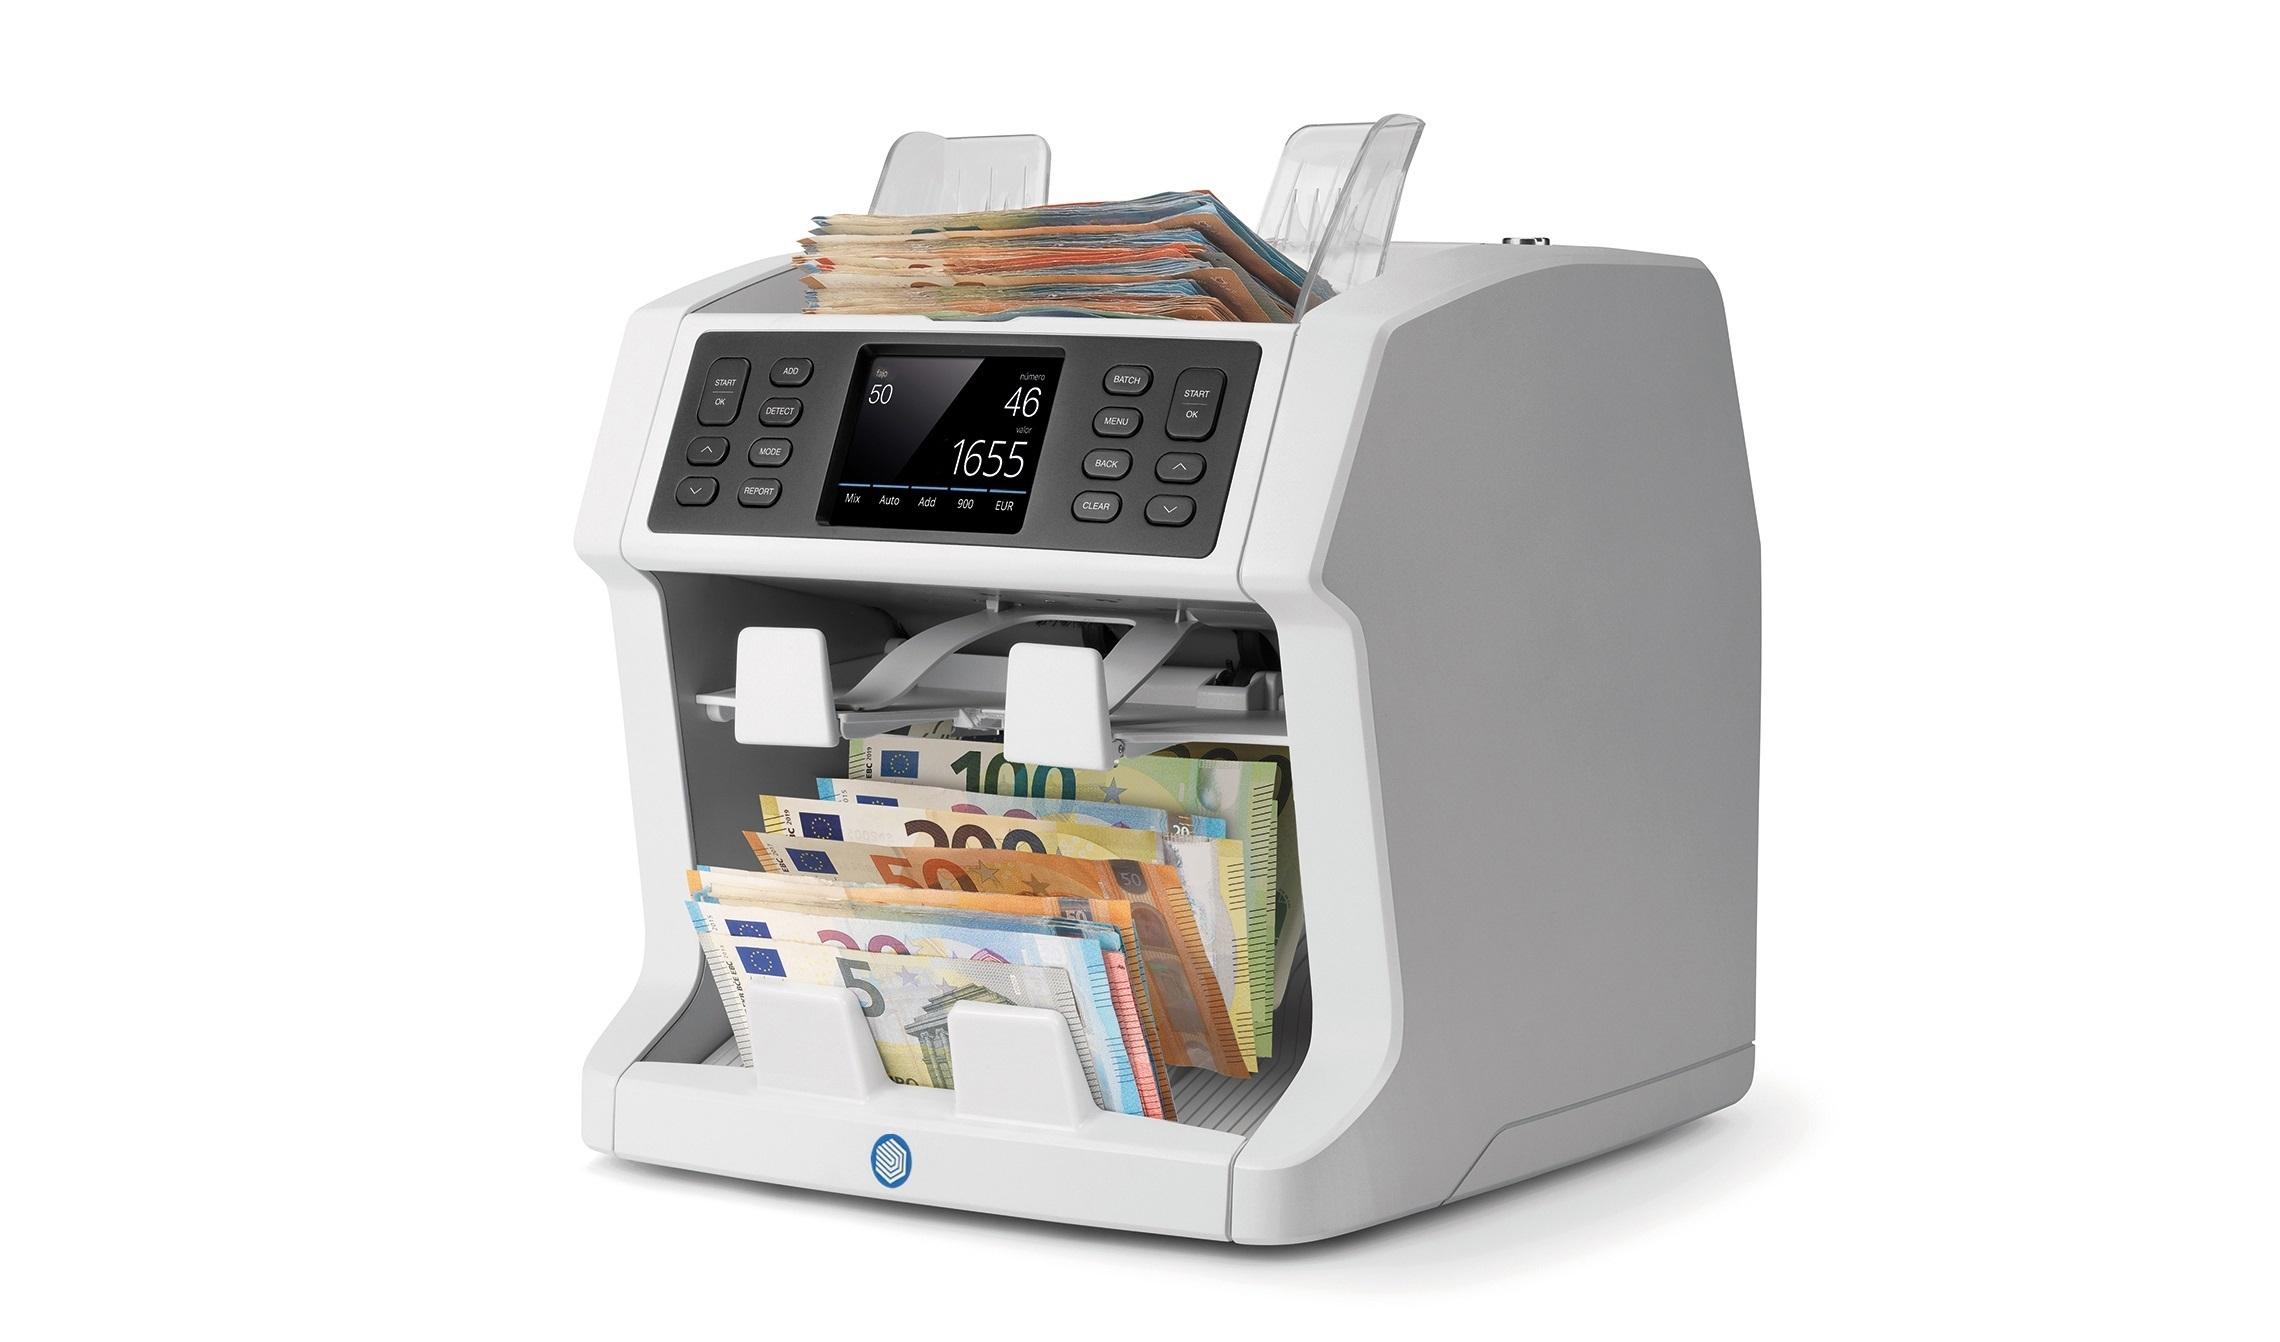 safescan-2995-sx-contadora-de-billetes-clasificadora